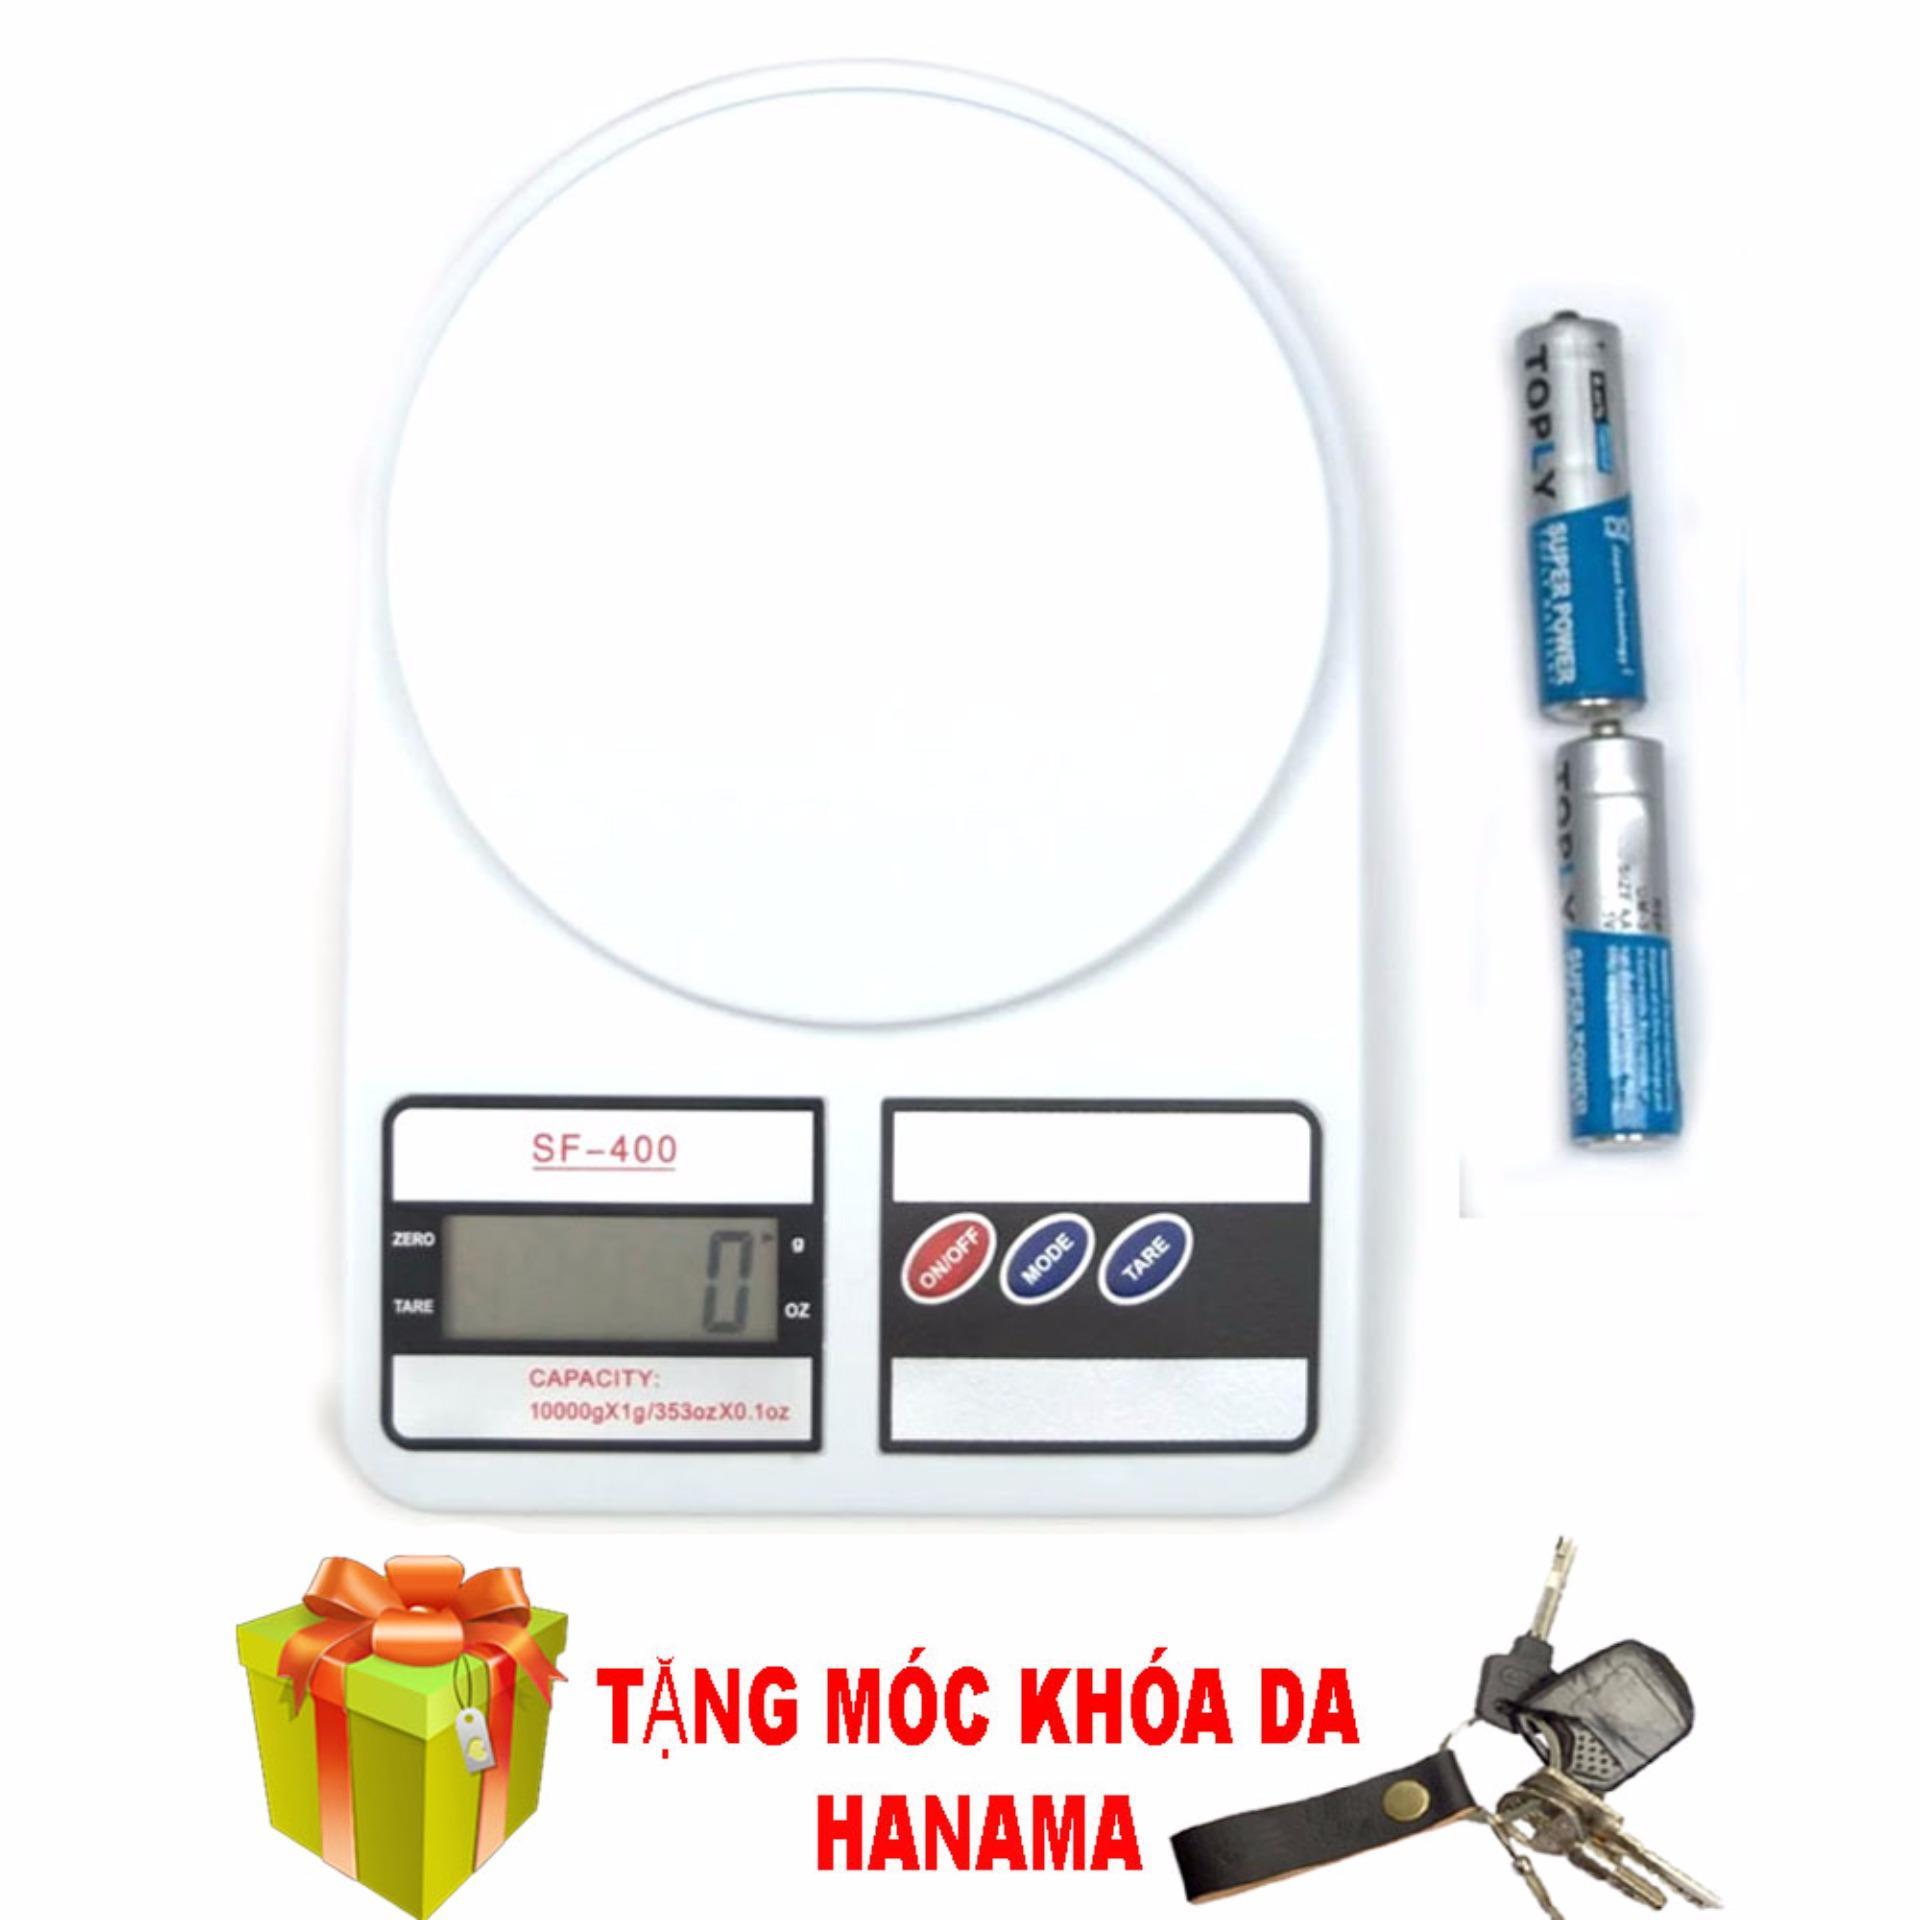 Cân điện tử nhà bếp 10kg + 2 pin(tặng móc khóa hanama)